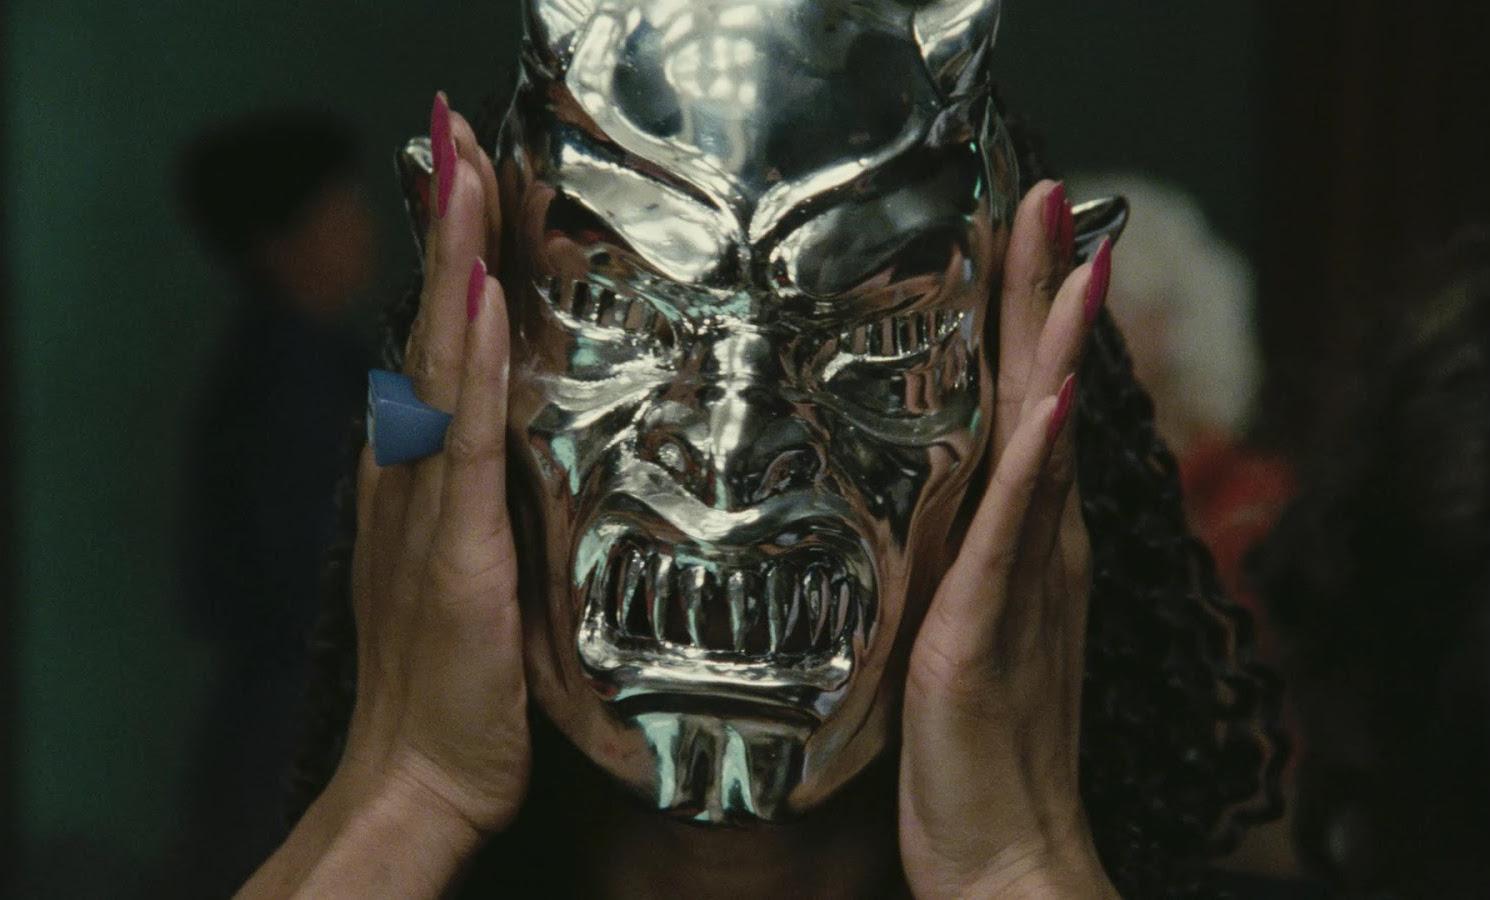 Demons. Fuente: www.projectdeadpost.com